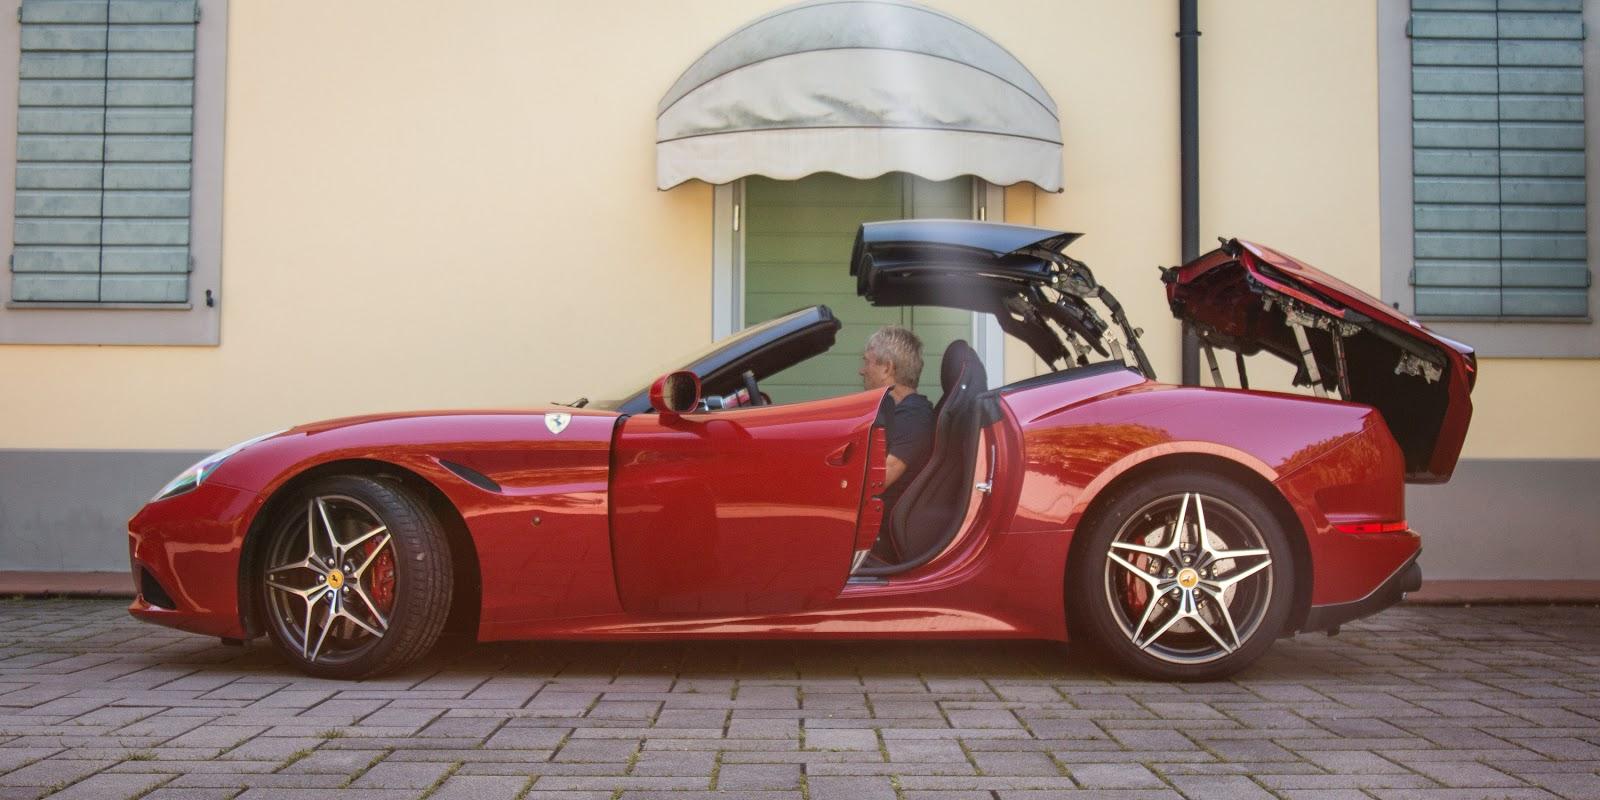 Ferrari California T được xem là siêu xe giá rẻ nhất của Ferrari